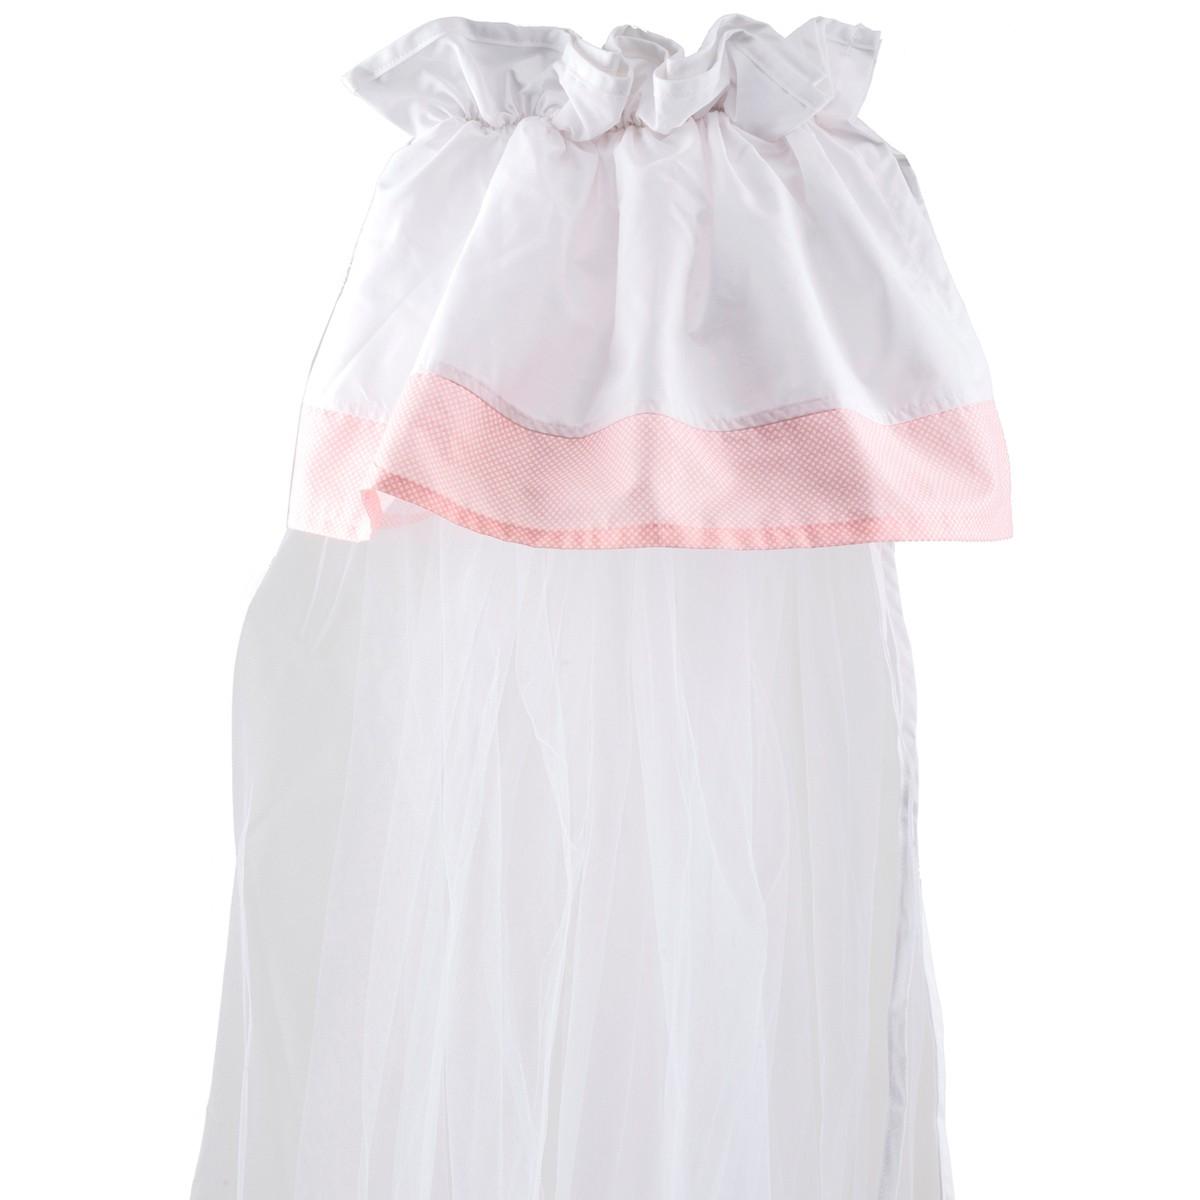 Κουνουπιέρα Λίκνου Κόσμος Του Μωρού Countryside 0882 Ροζ